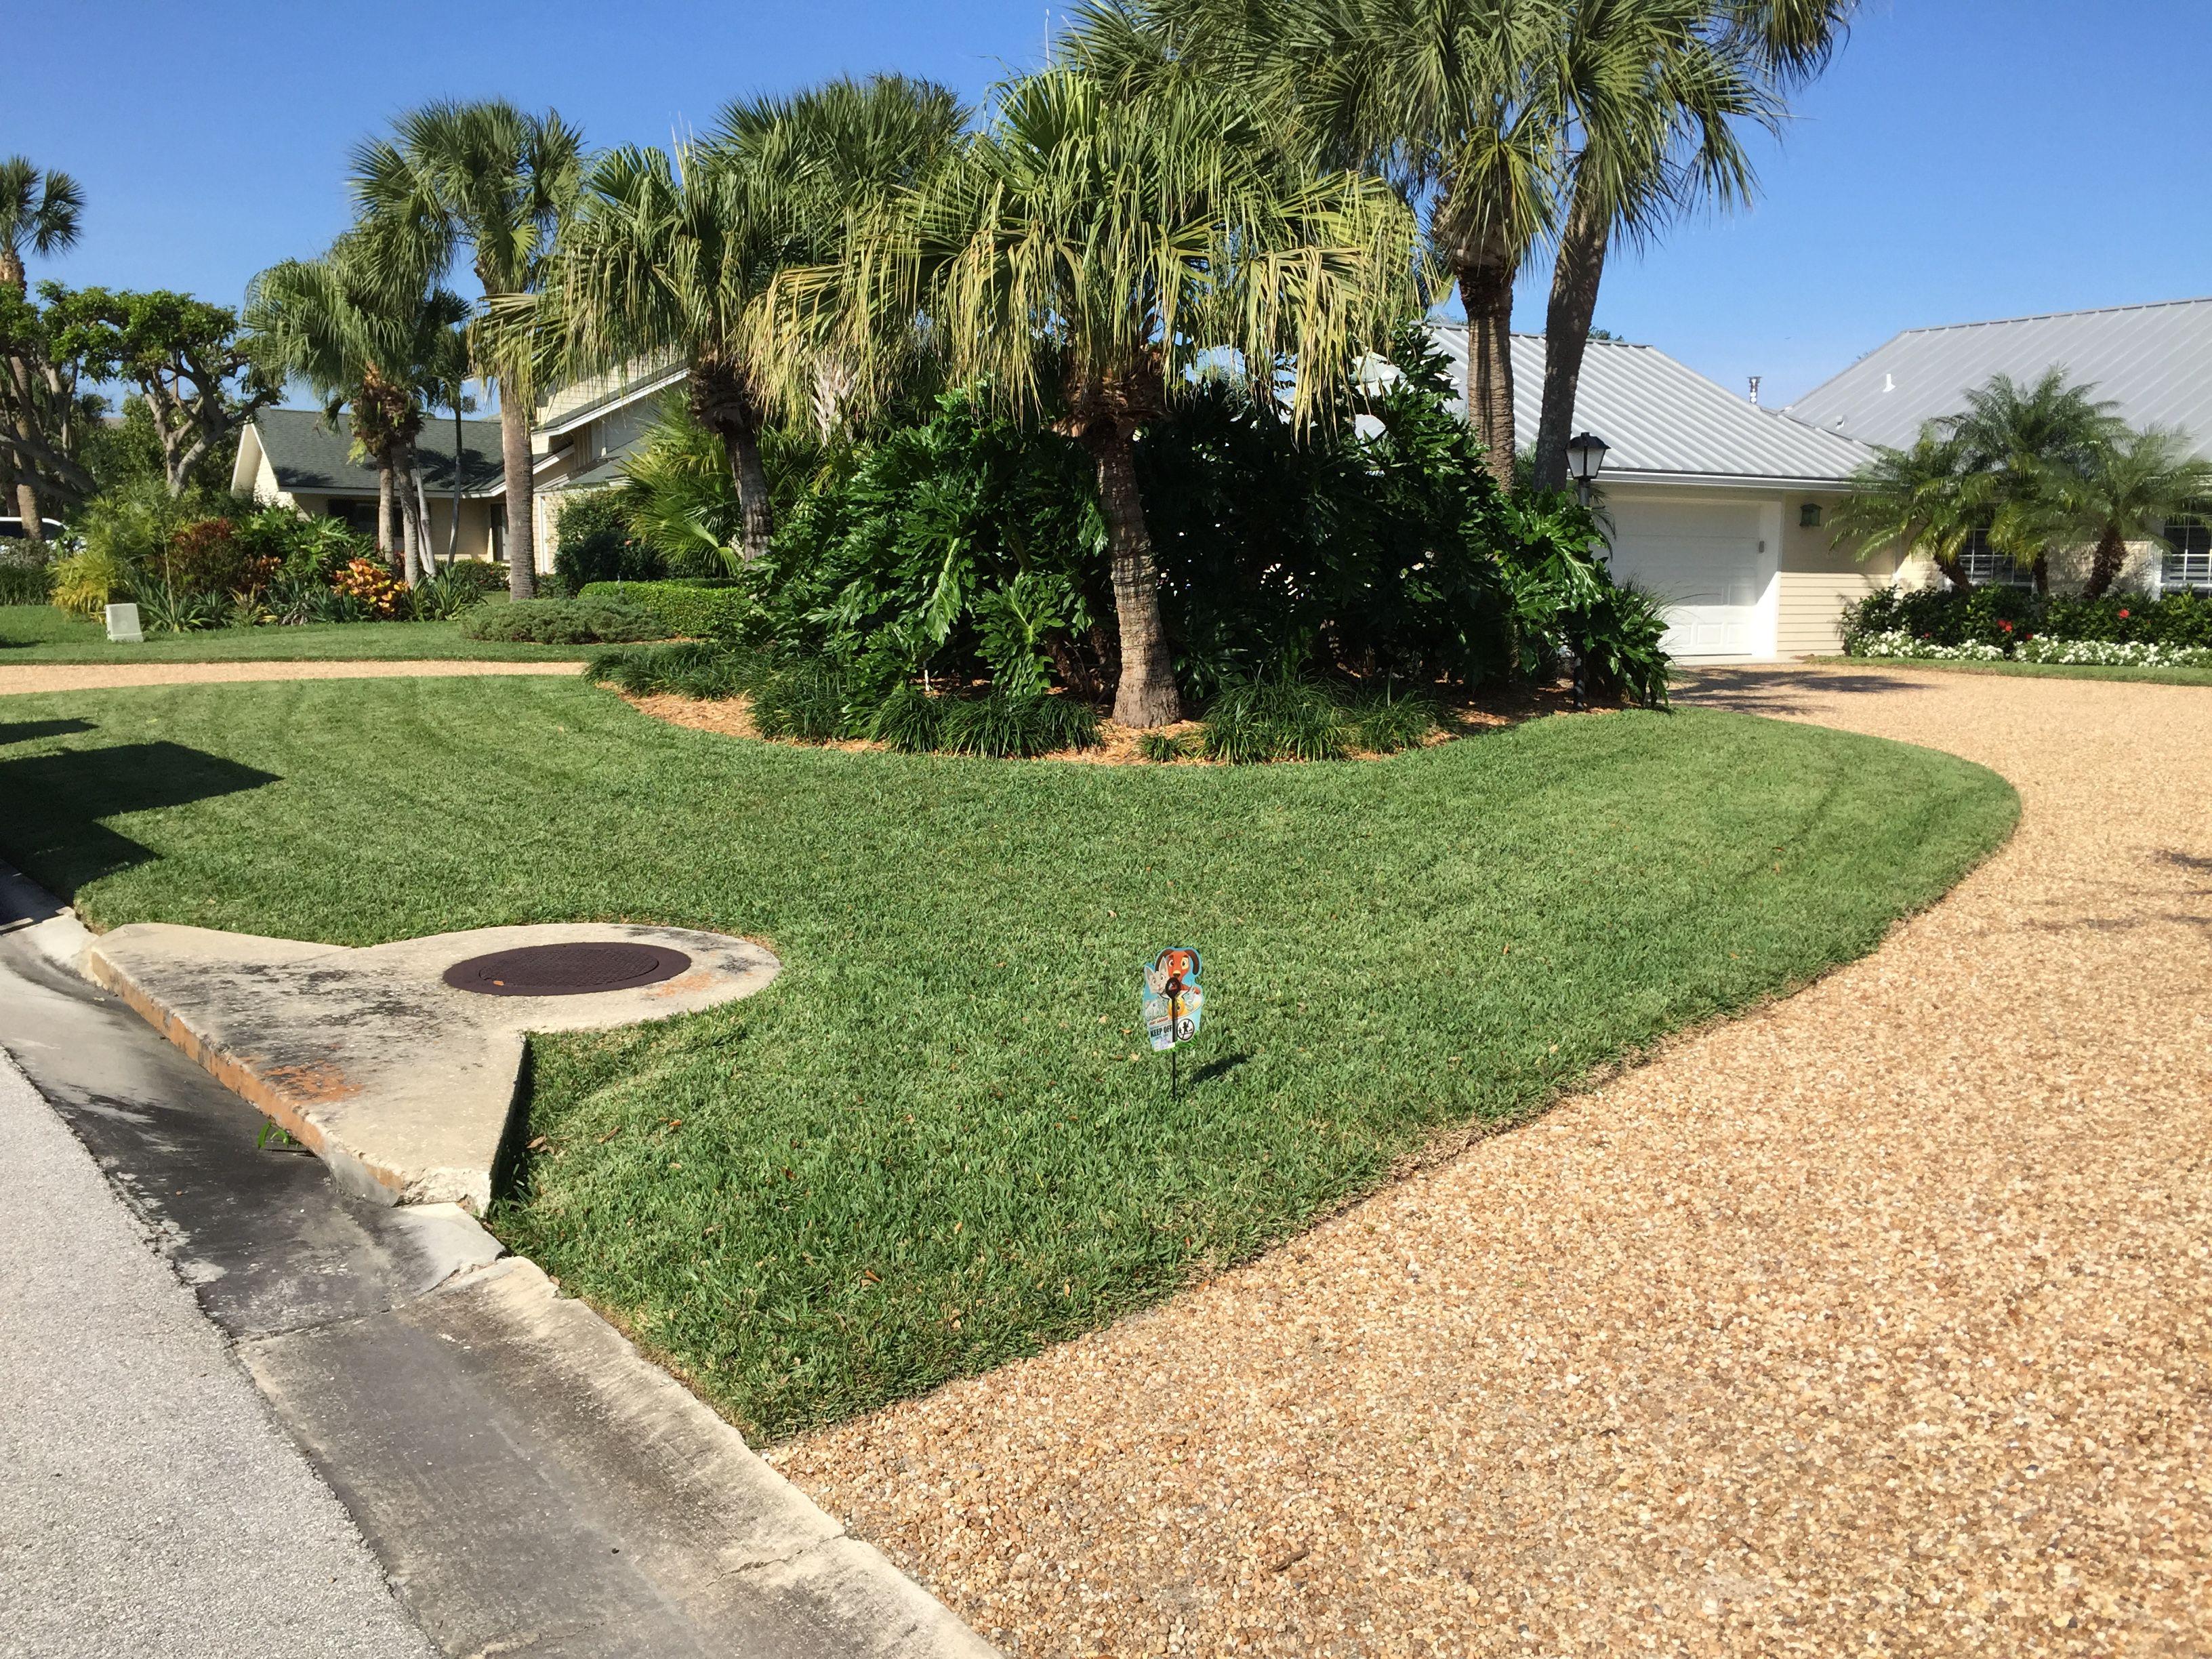 Spot a HALO lawn!